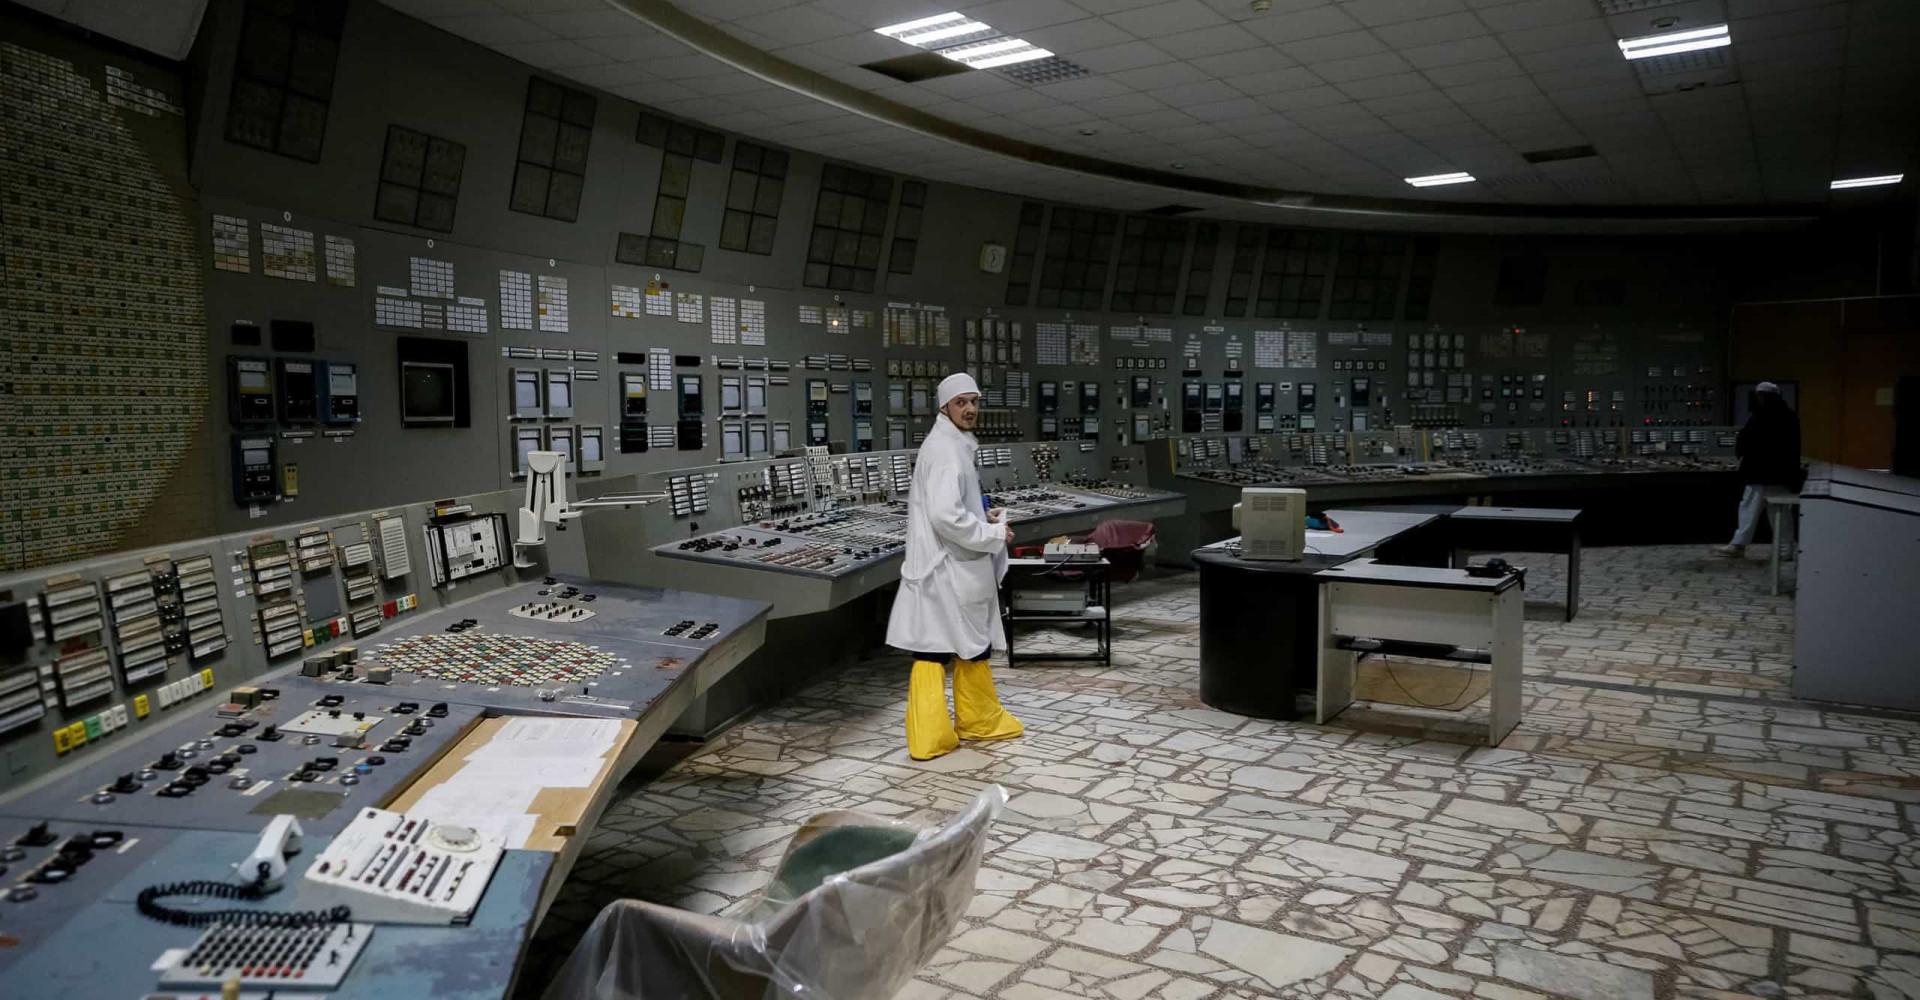 Tschernobyl: So sieht das Katastrophengebiet heute aus